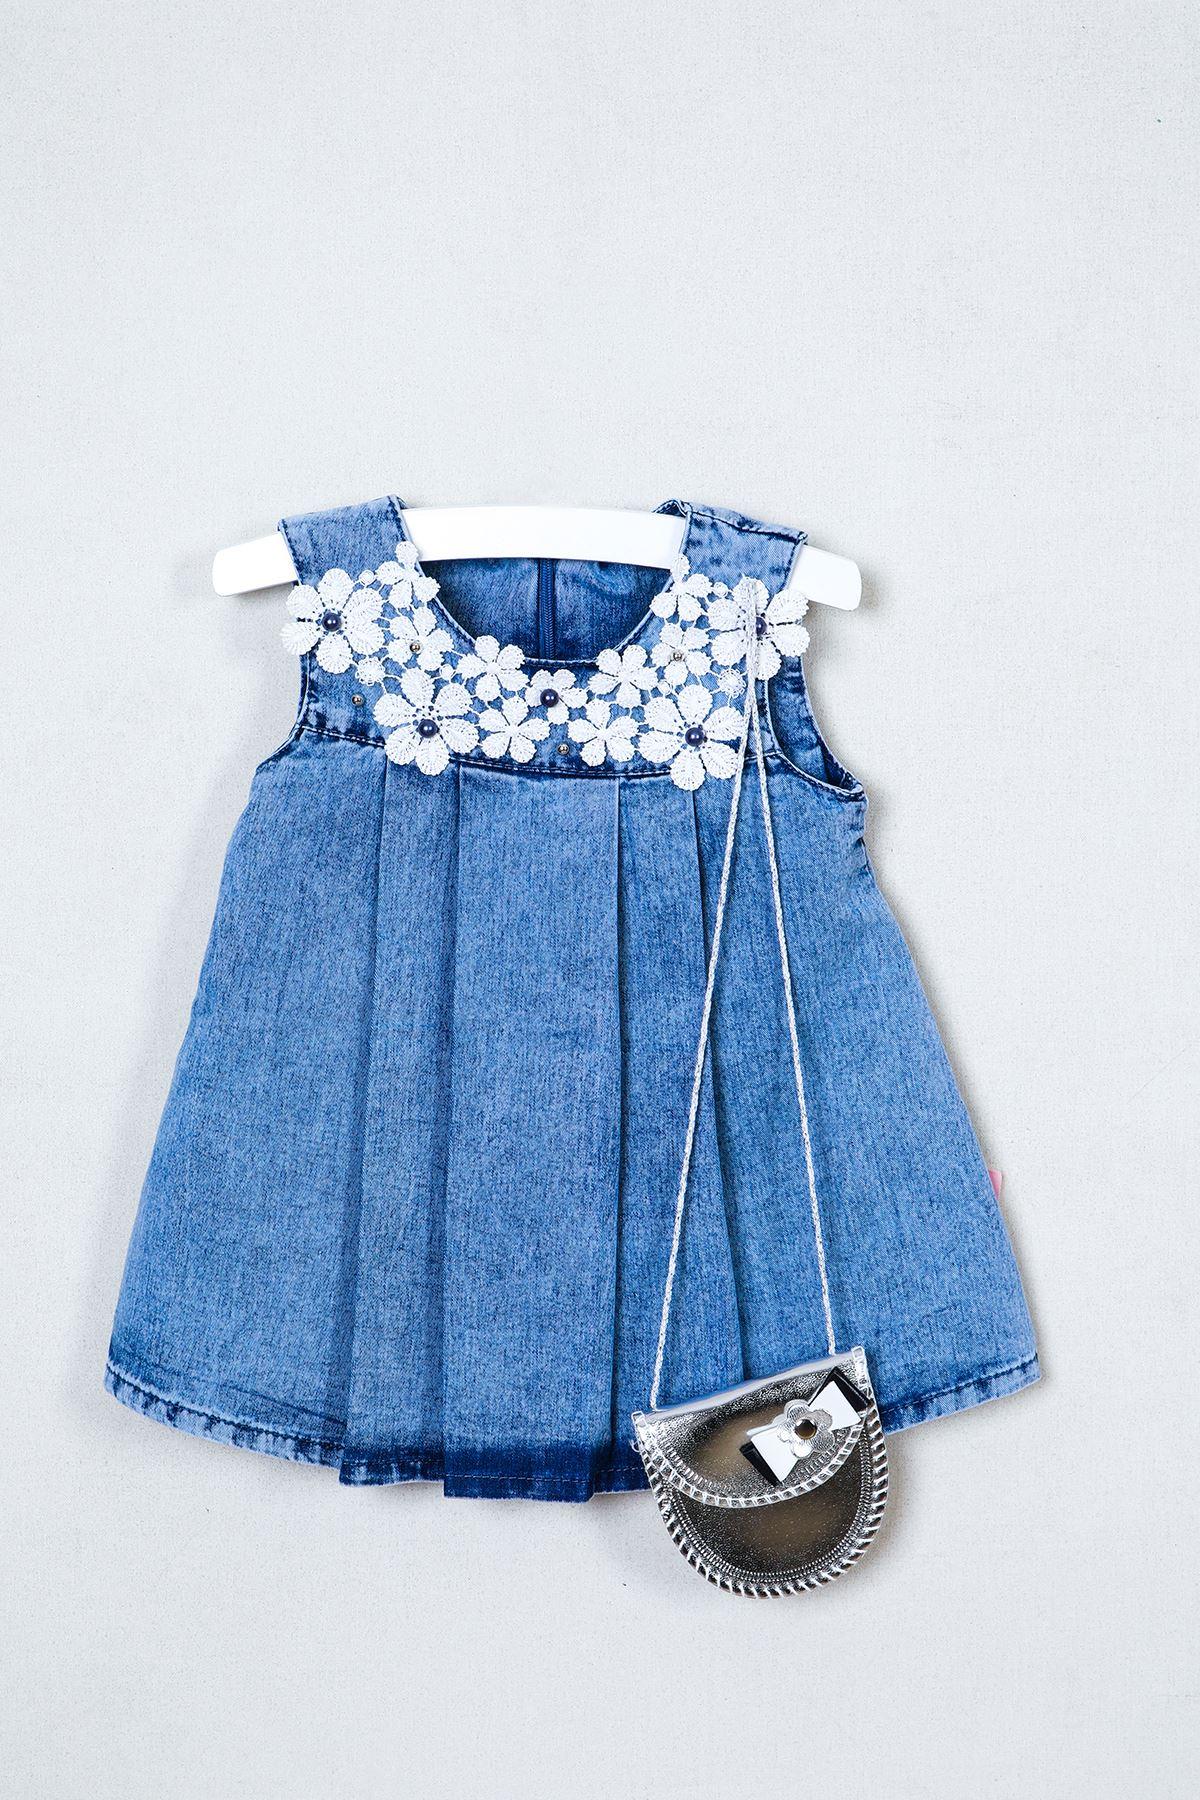 Papatya Nakışlı Çantalı Bebe Kot Elbise